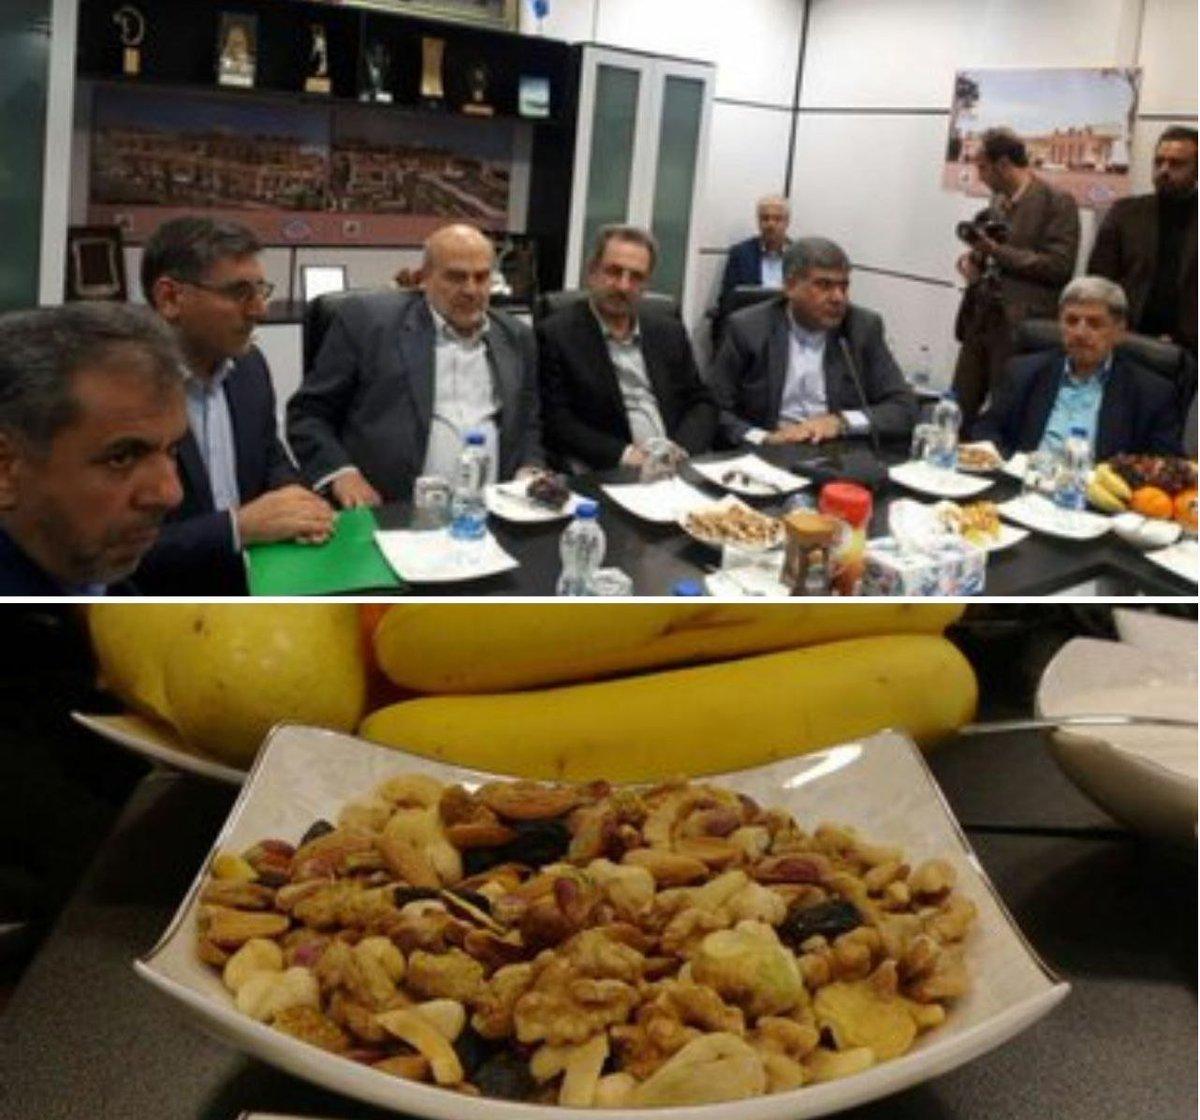 آقایان مسئول، تحریم آجیل فقط برای مردمه!؟  در حاشیه مراسم افتتاح یک تصفیه خانه در جنوب تهران و پذیرایی با آجیل! #عیسی_کلانتری